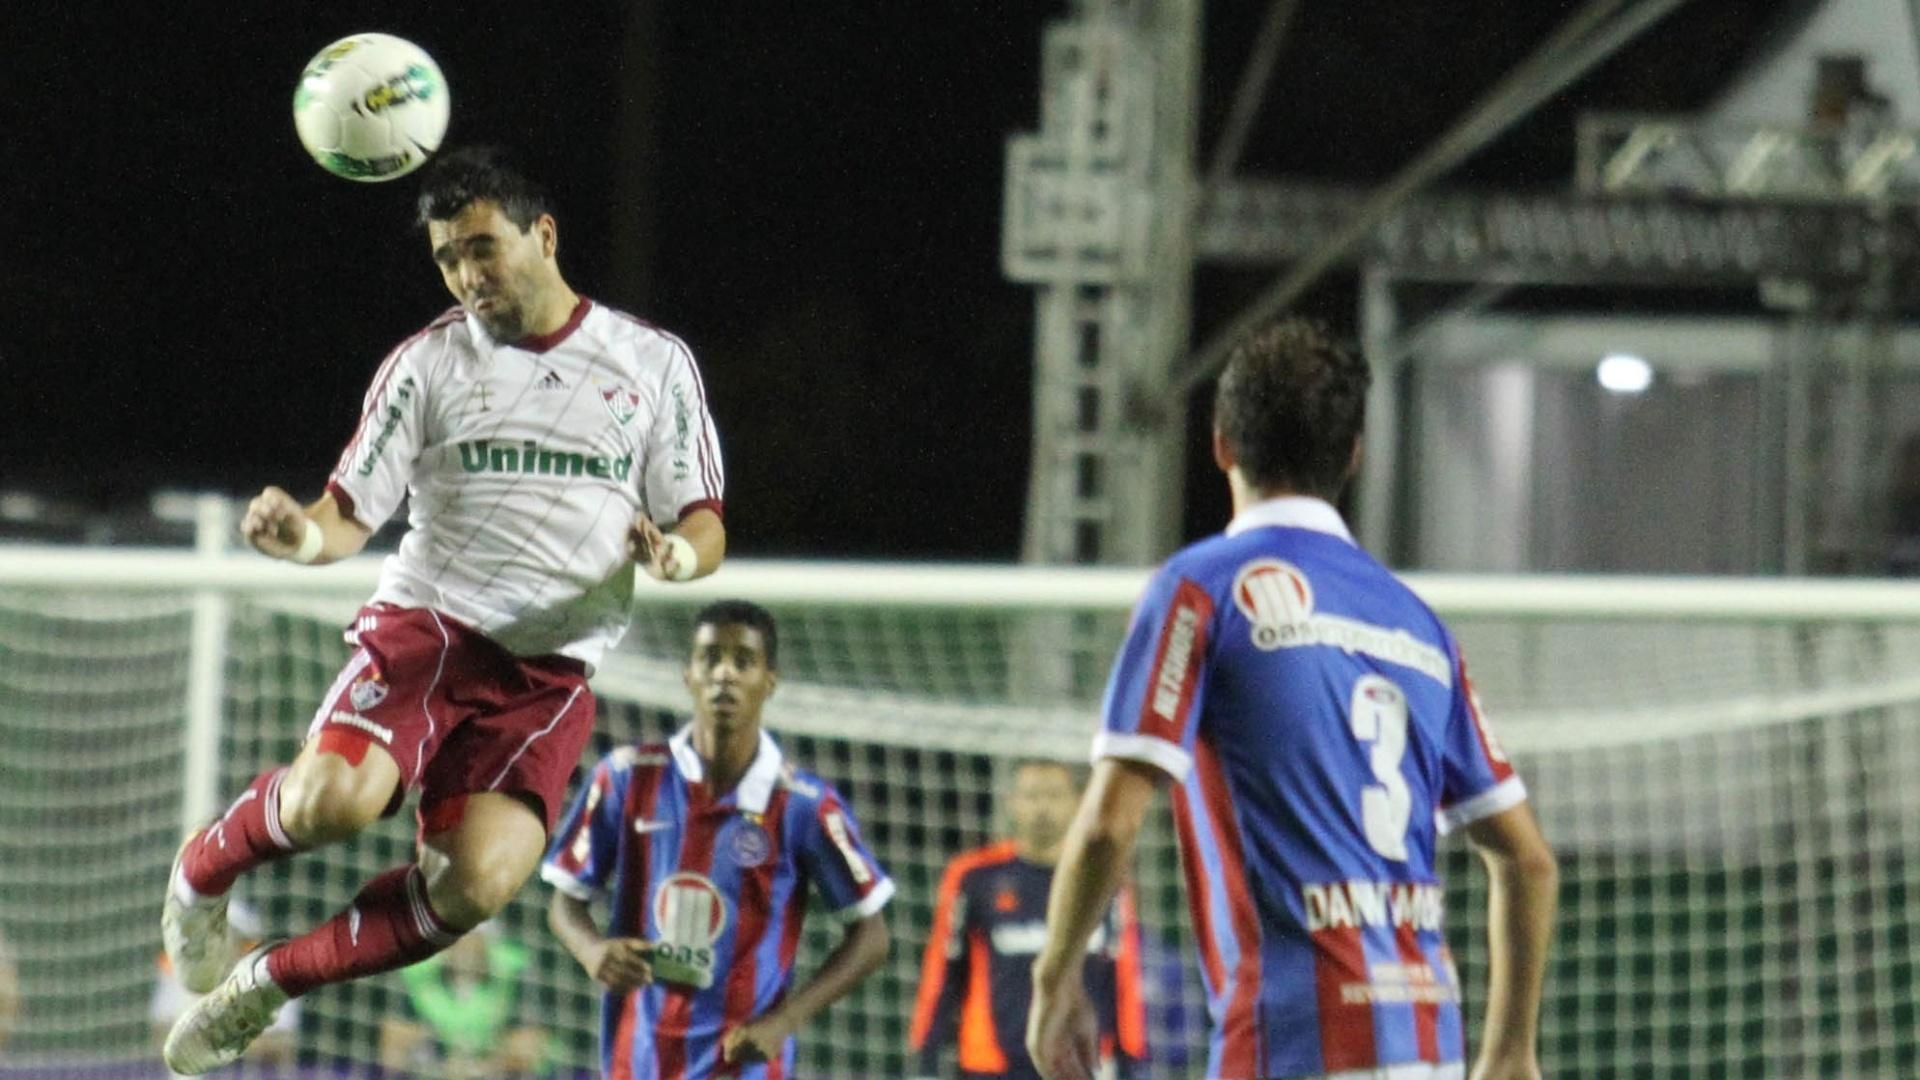 Deco pula e cabeceia a bola, observado por Danny Morais, zagueiro do Bahia, durante jogo da 29ª rodada do Brasileirão